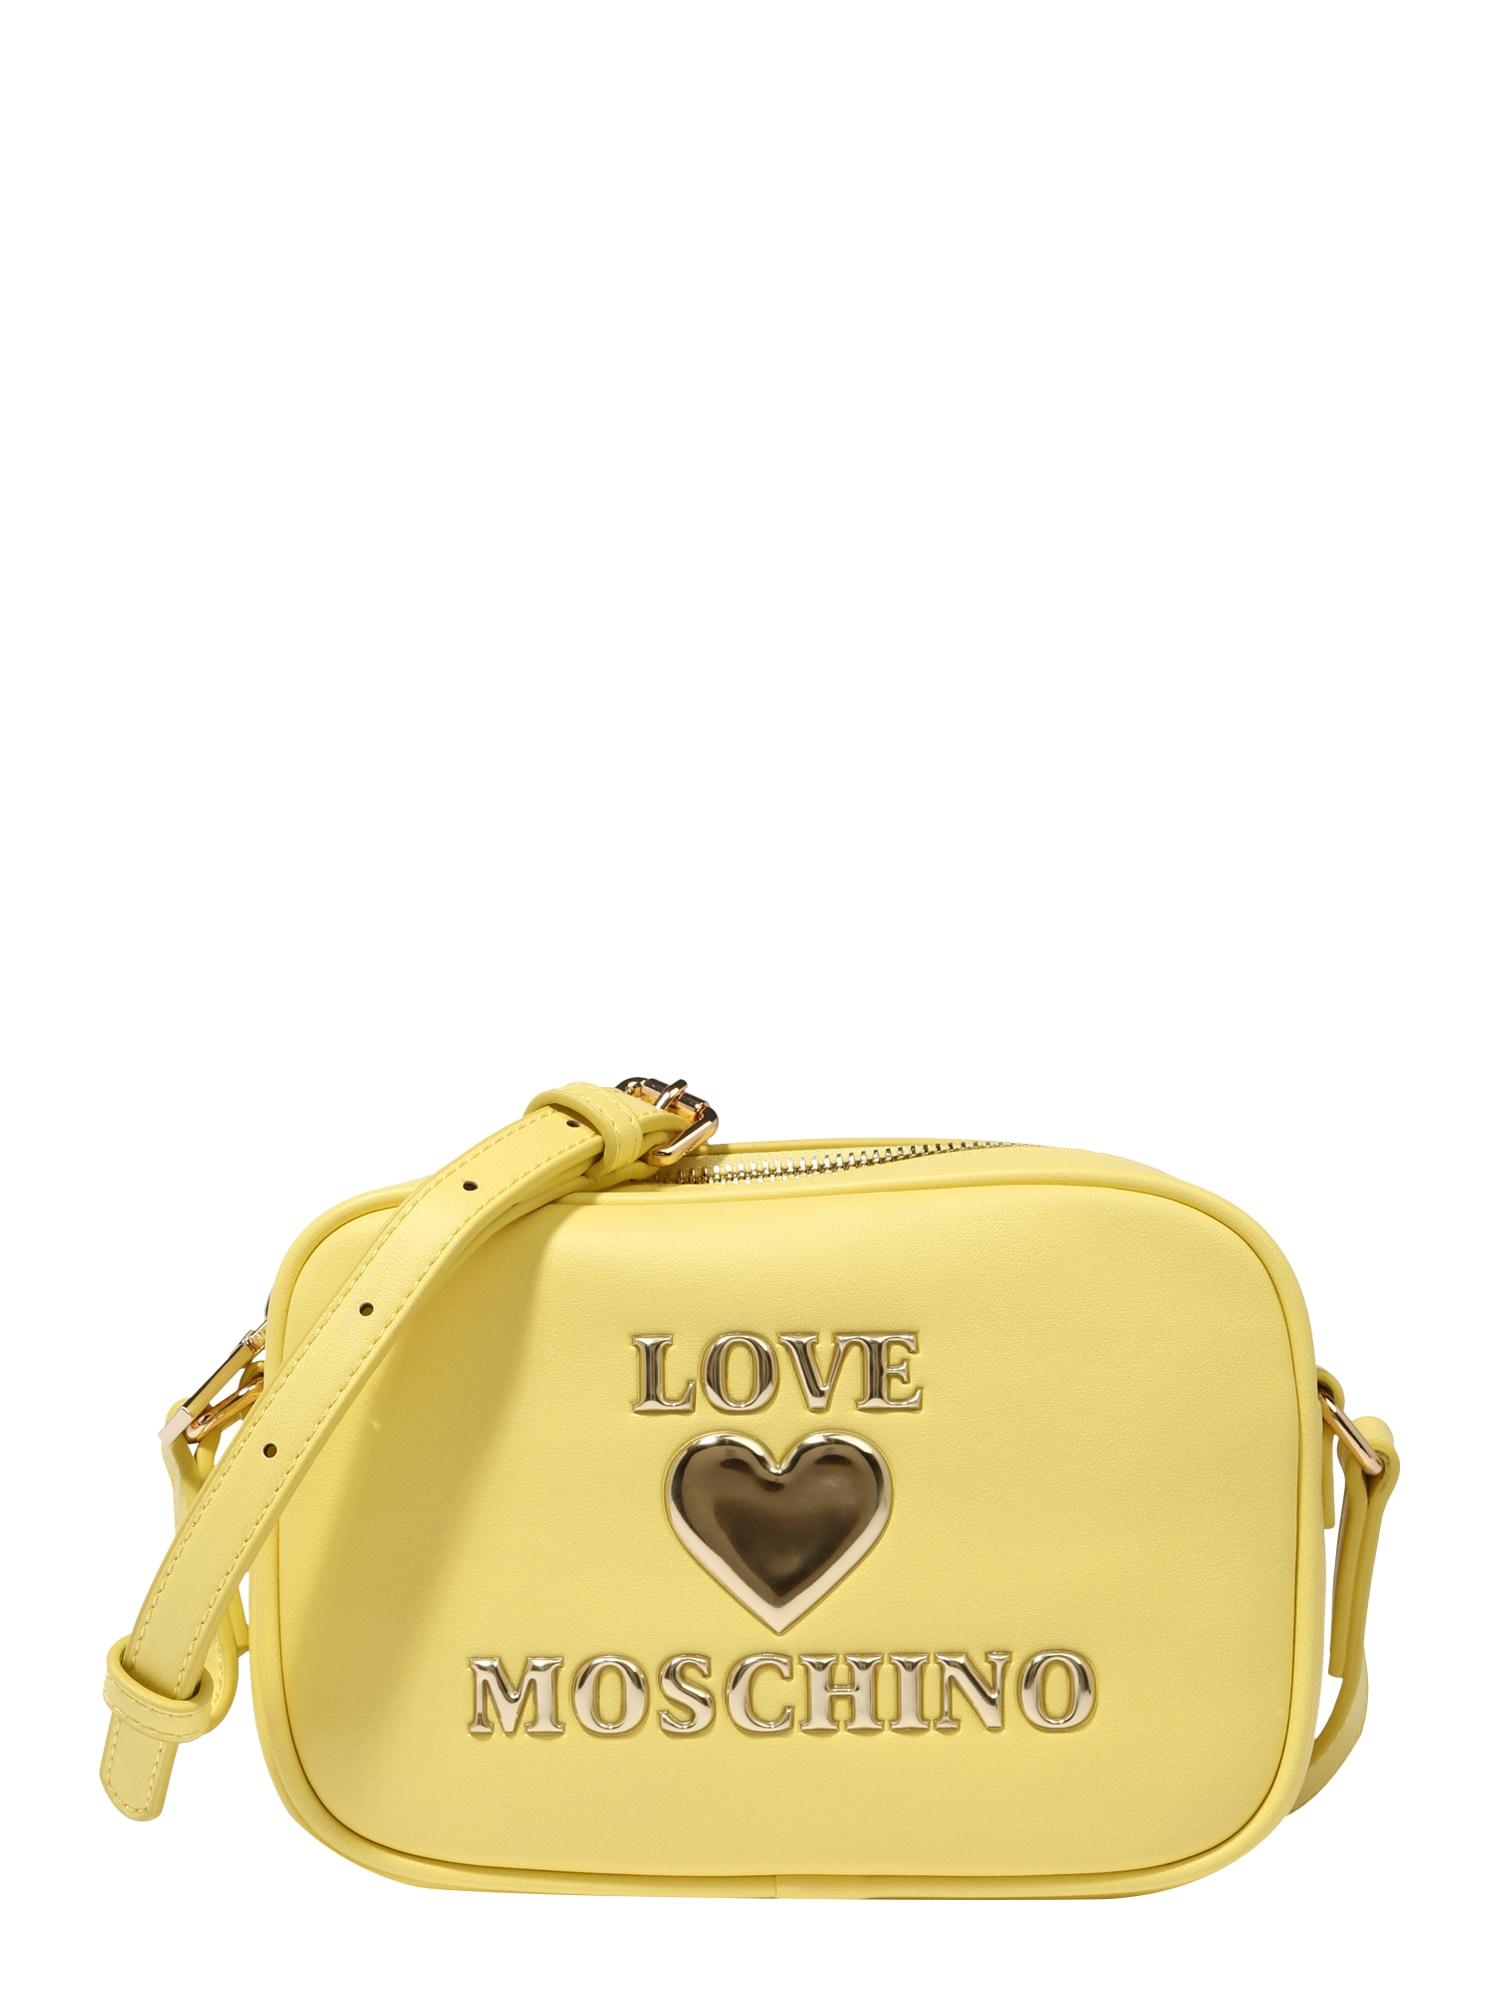 Love Moschino Rankinė su ilgu dirželiu geltona / auksas